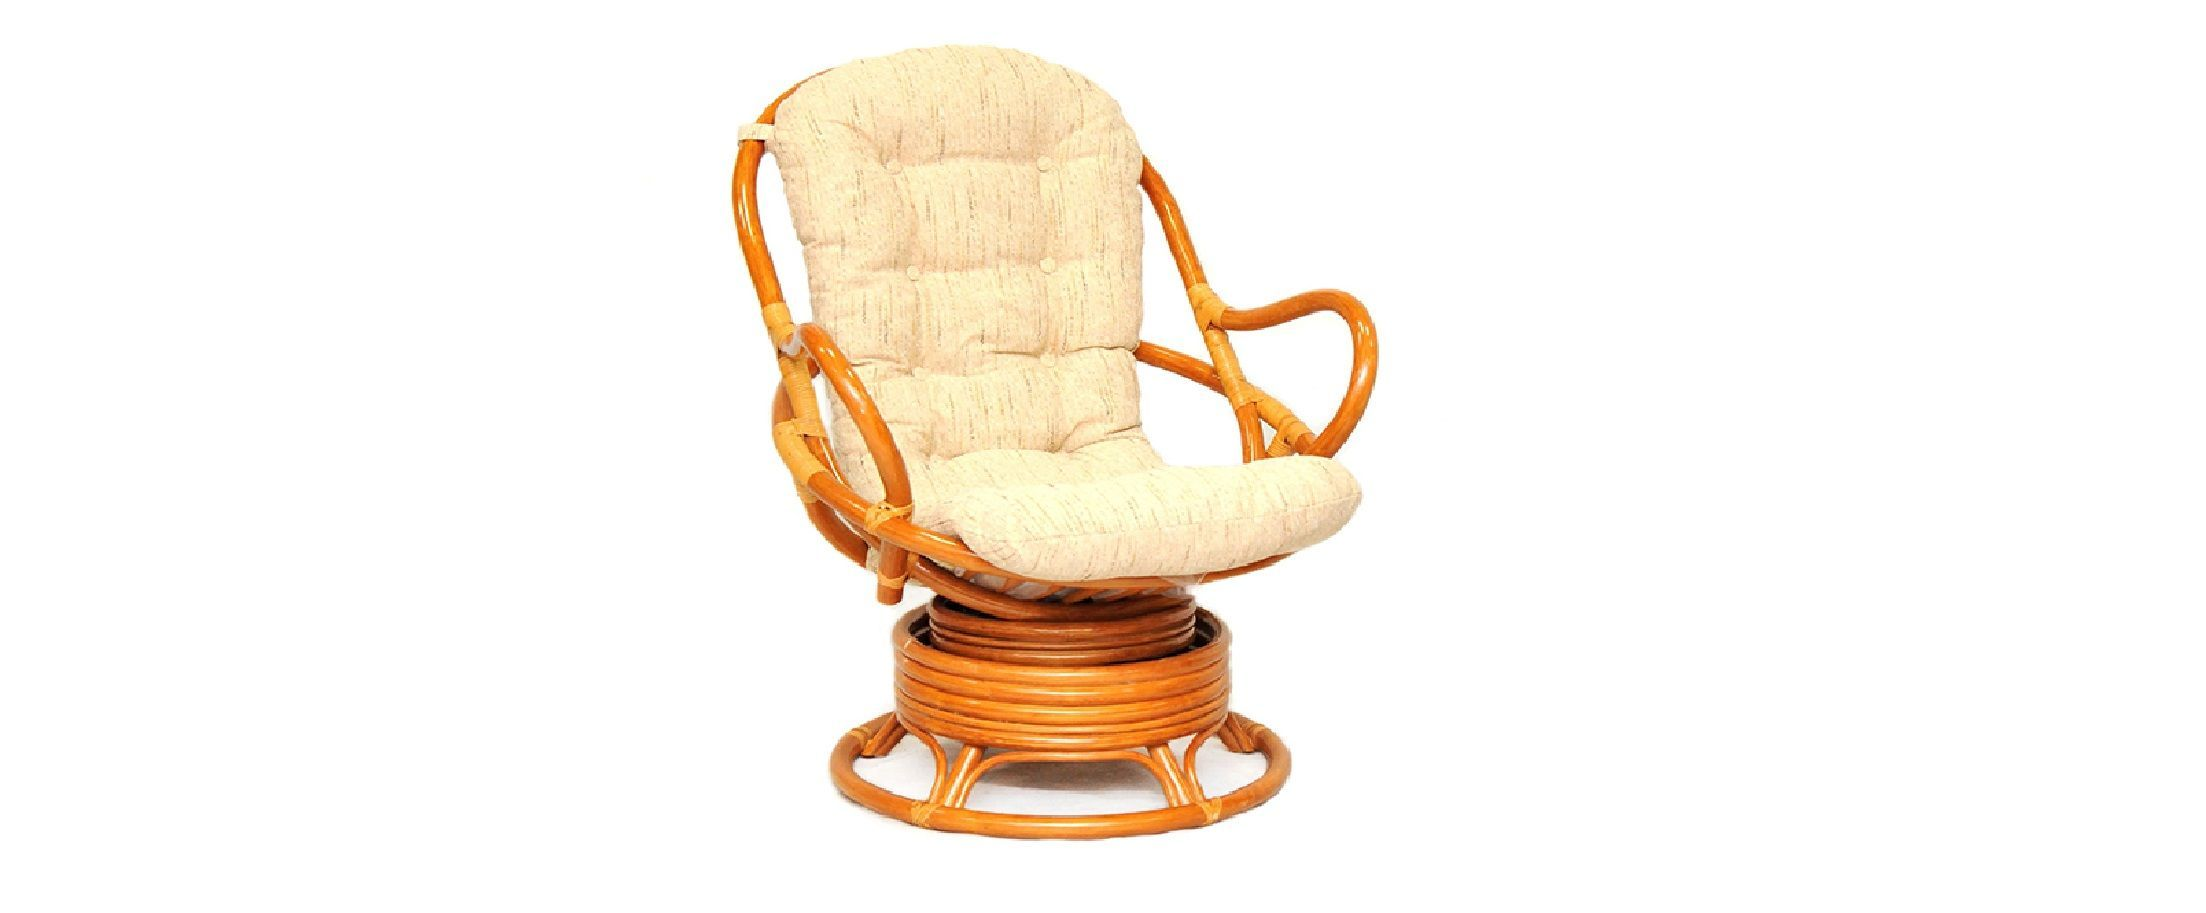 Кресло механическое 05/01 КPatio<br>Кресло механическое 05/01 К<br>